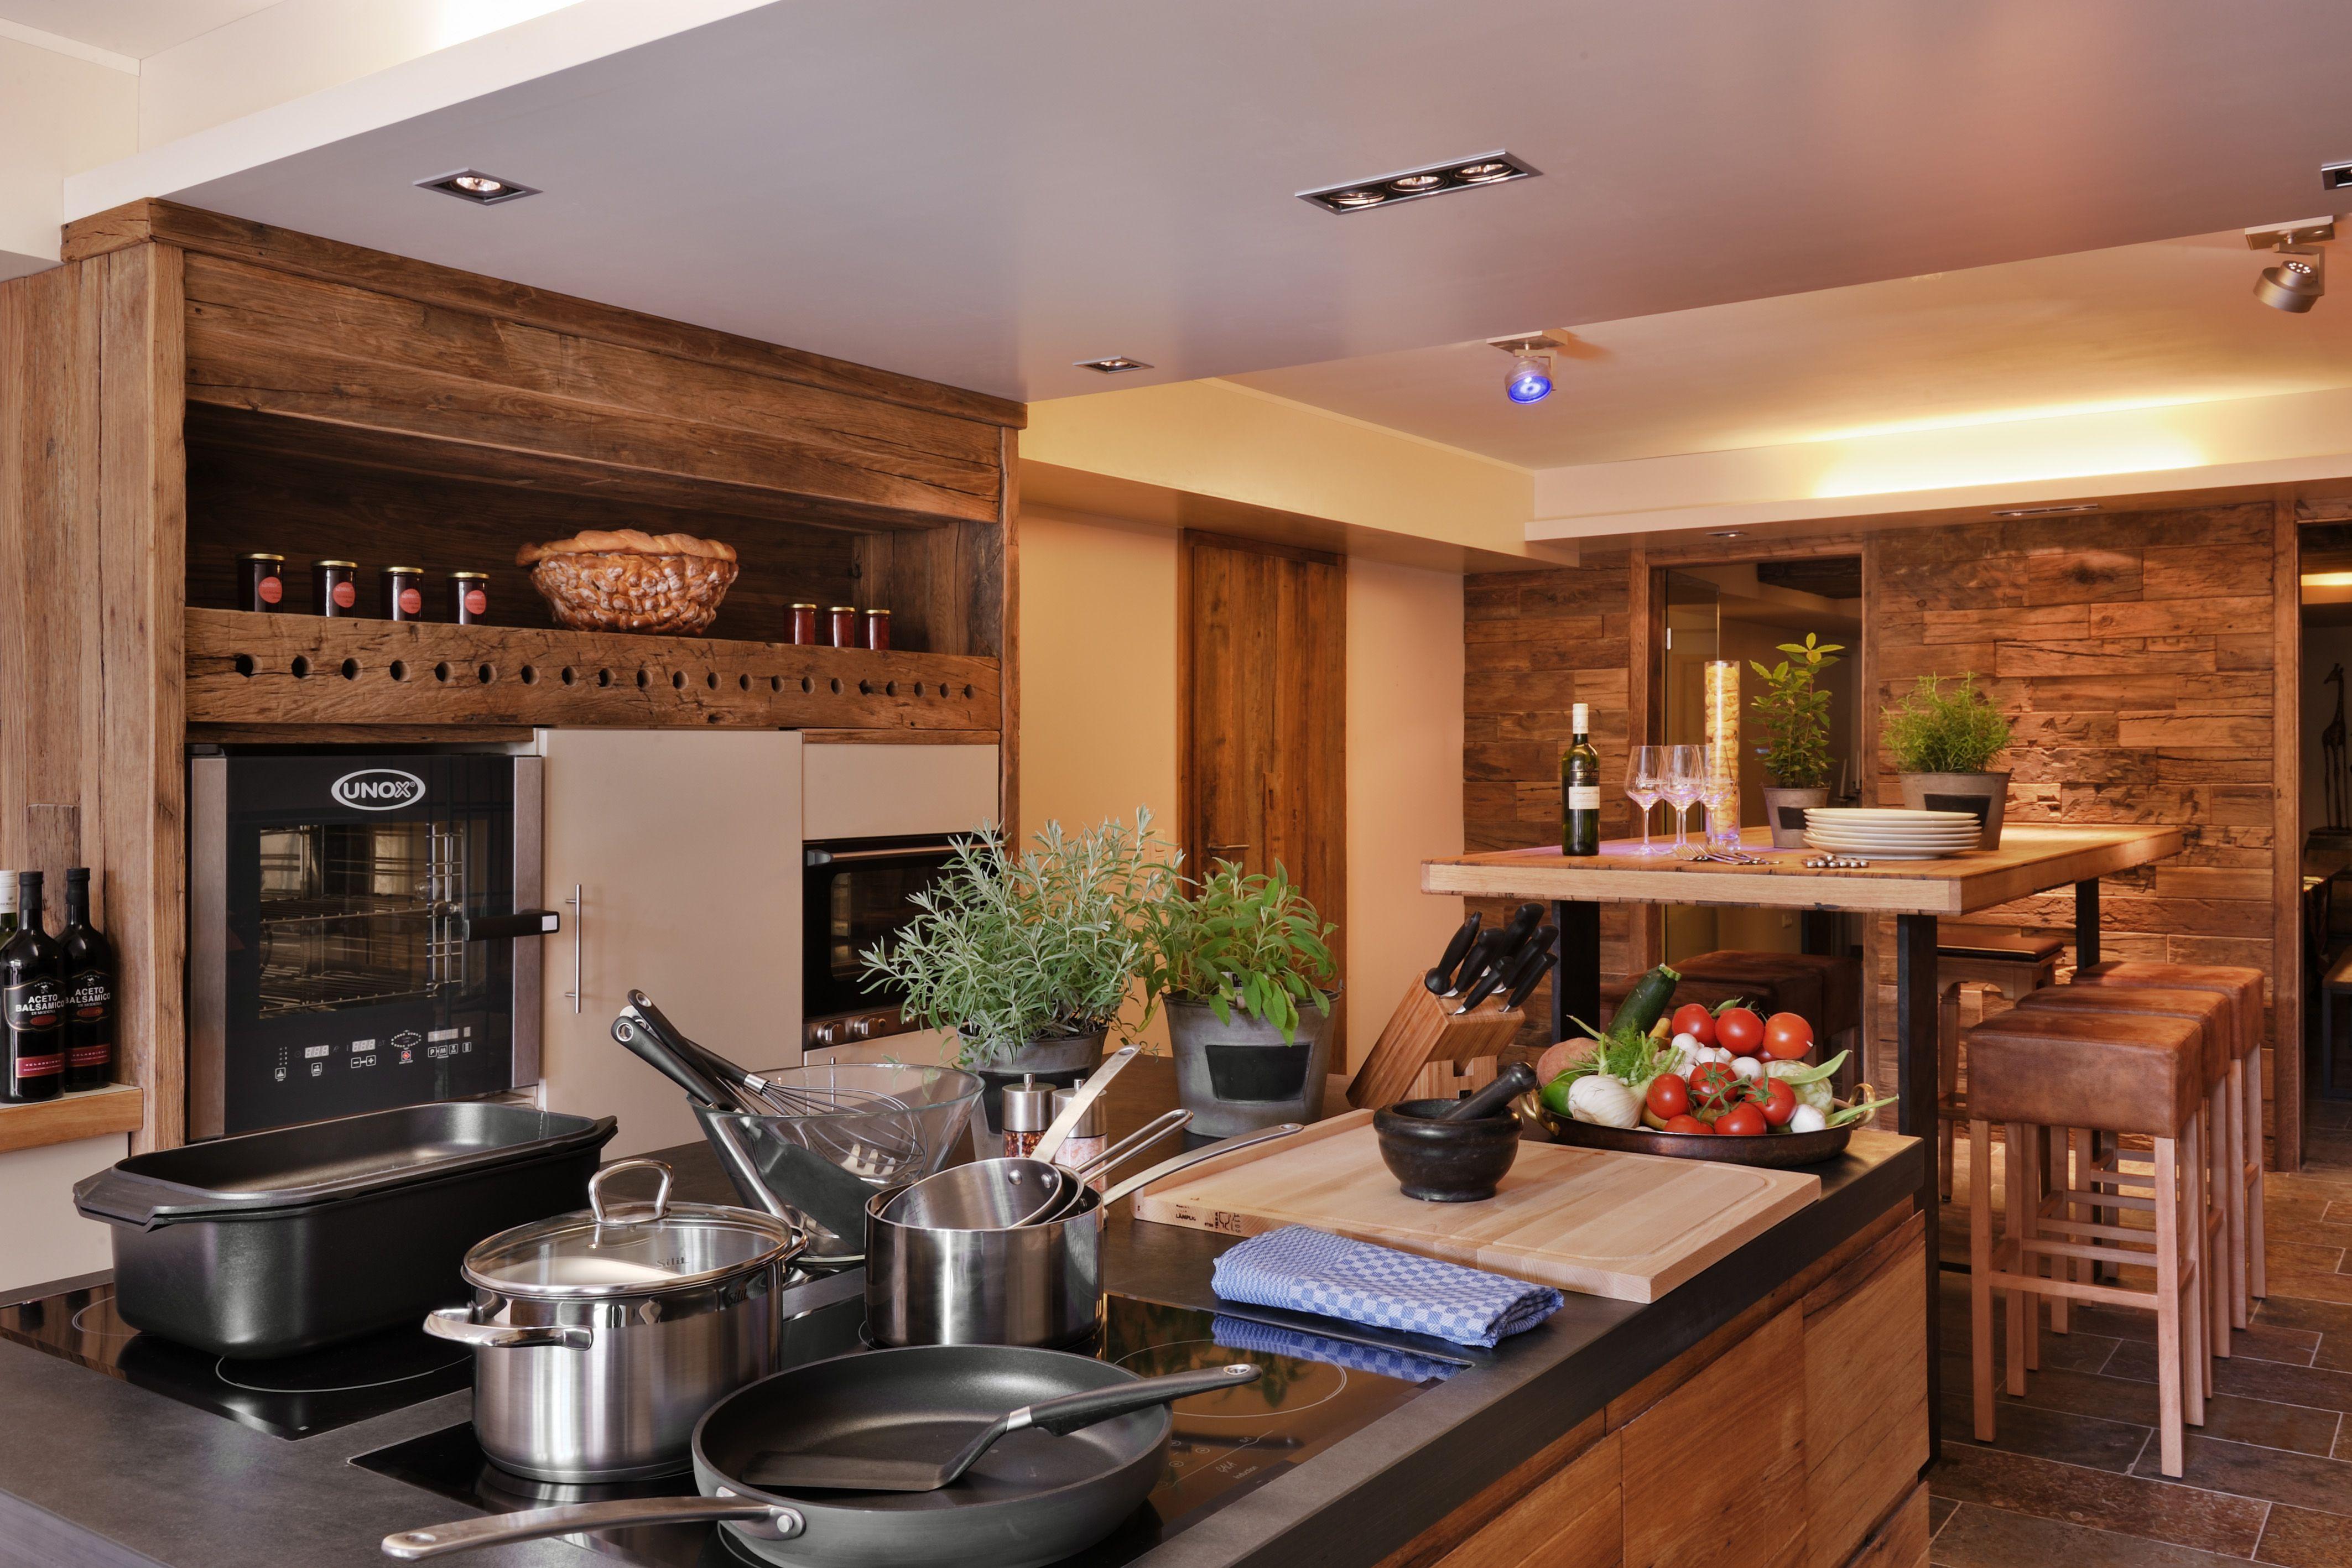 kochlounge im parkhotel am soiersee gemeinsam kochen feiern die idee f r eine. Black Bedroom Furniture Sets. Home Design Ideas